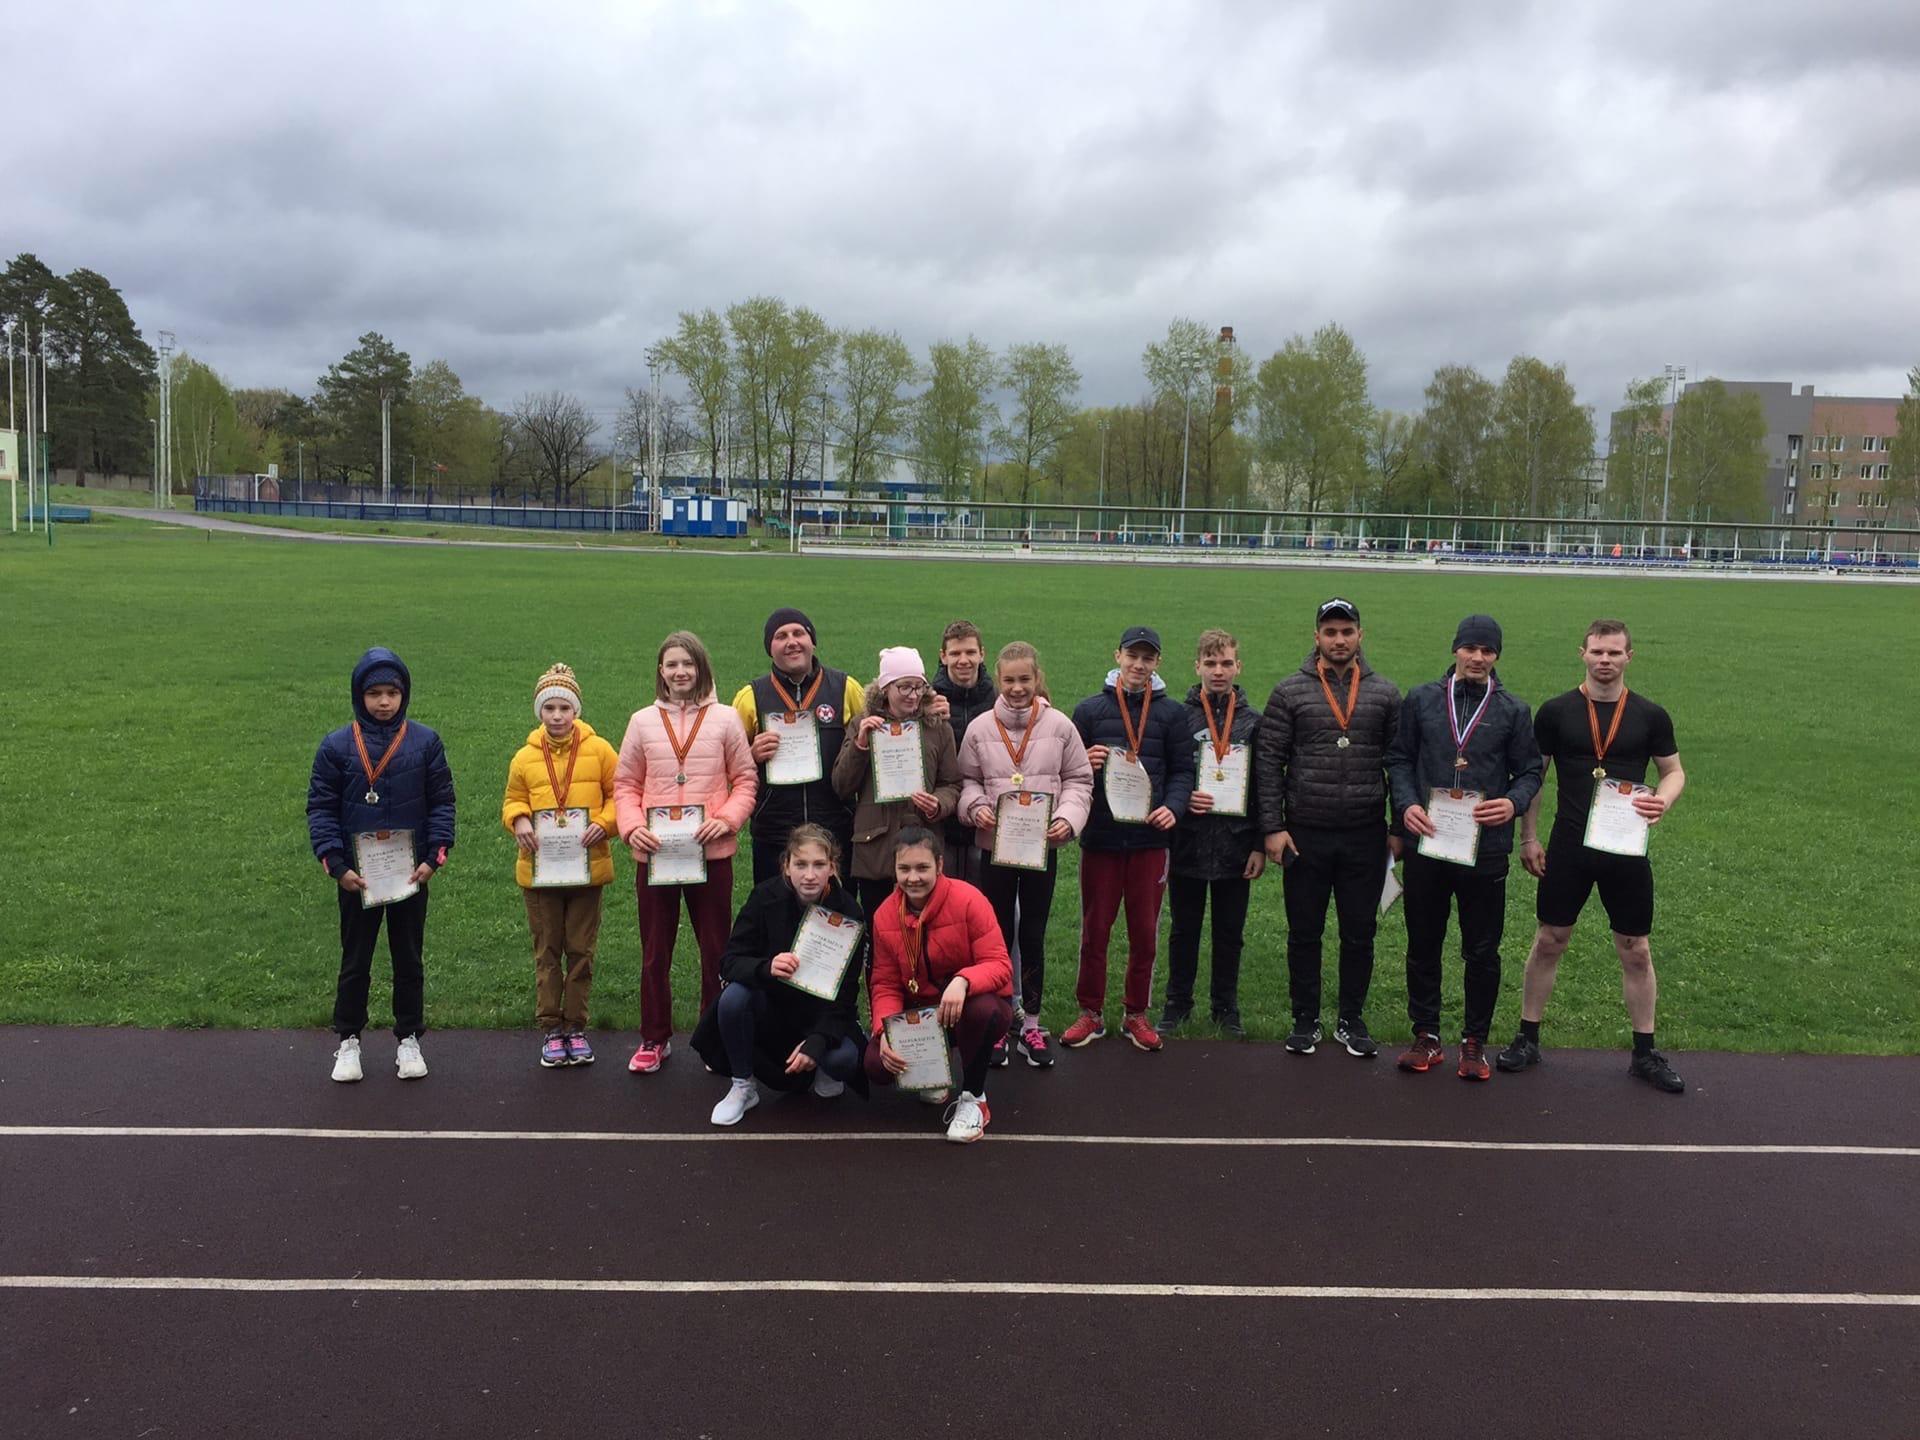 09 мая на стадионе им. А. Гринина состоялись Соревнования по легкой атлетике, посвящённые Дню Победы.